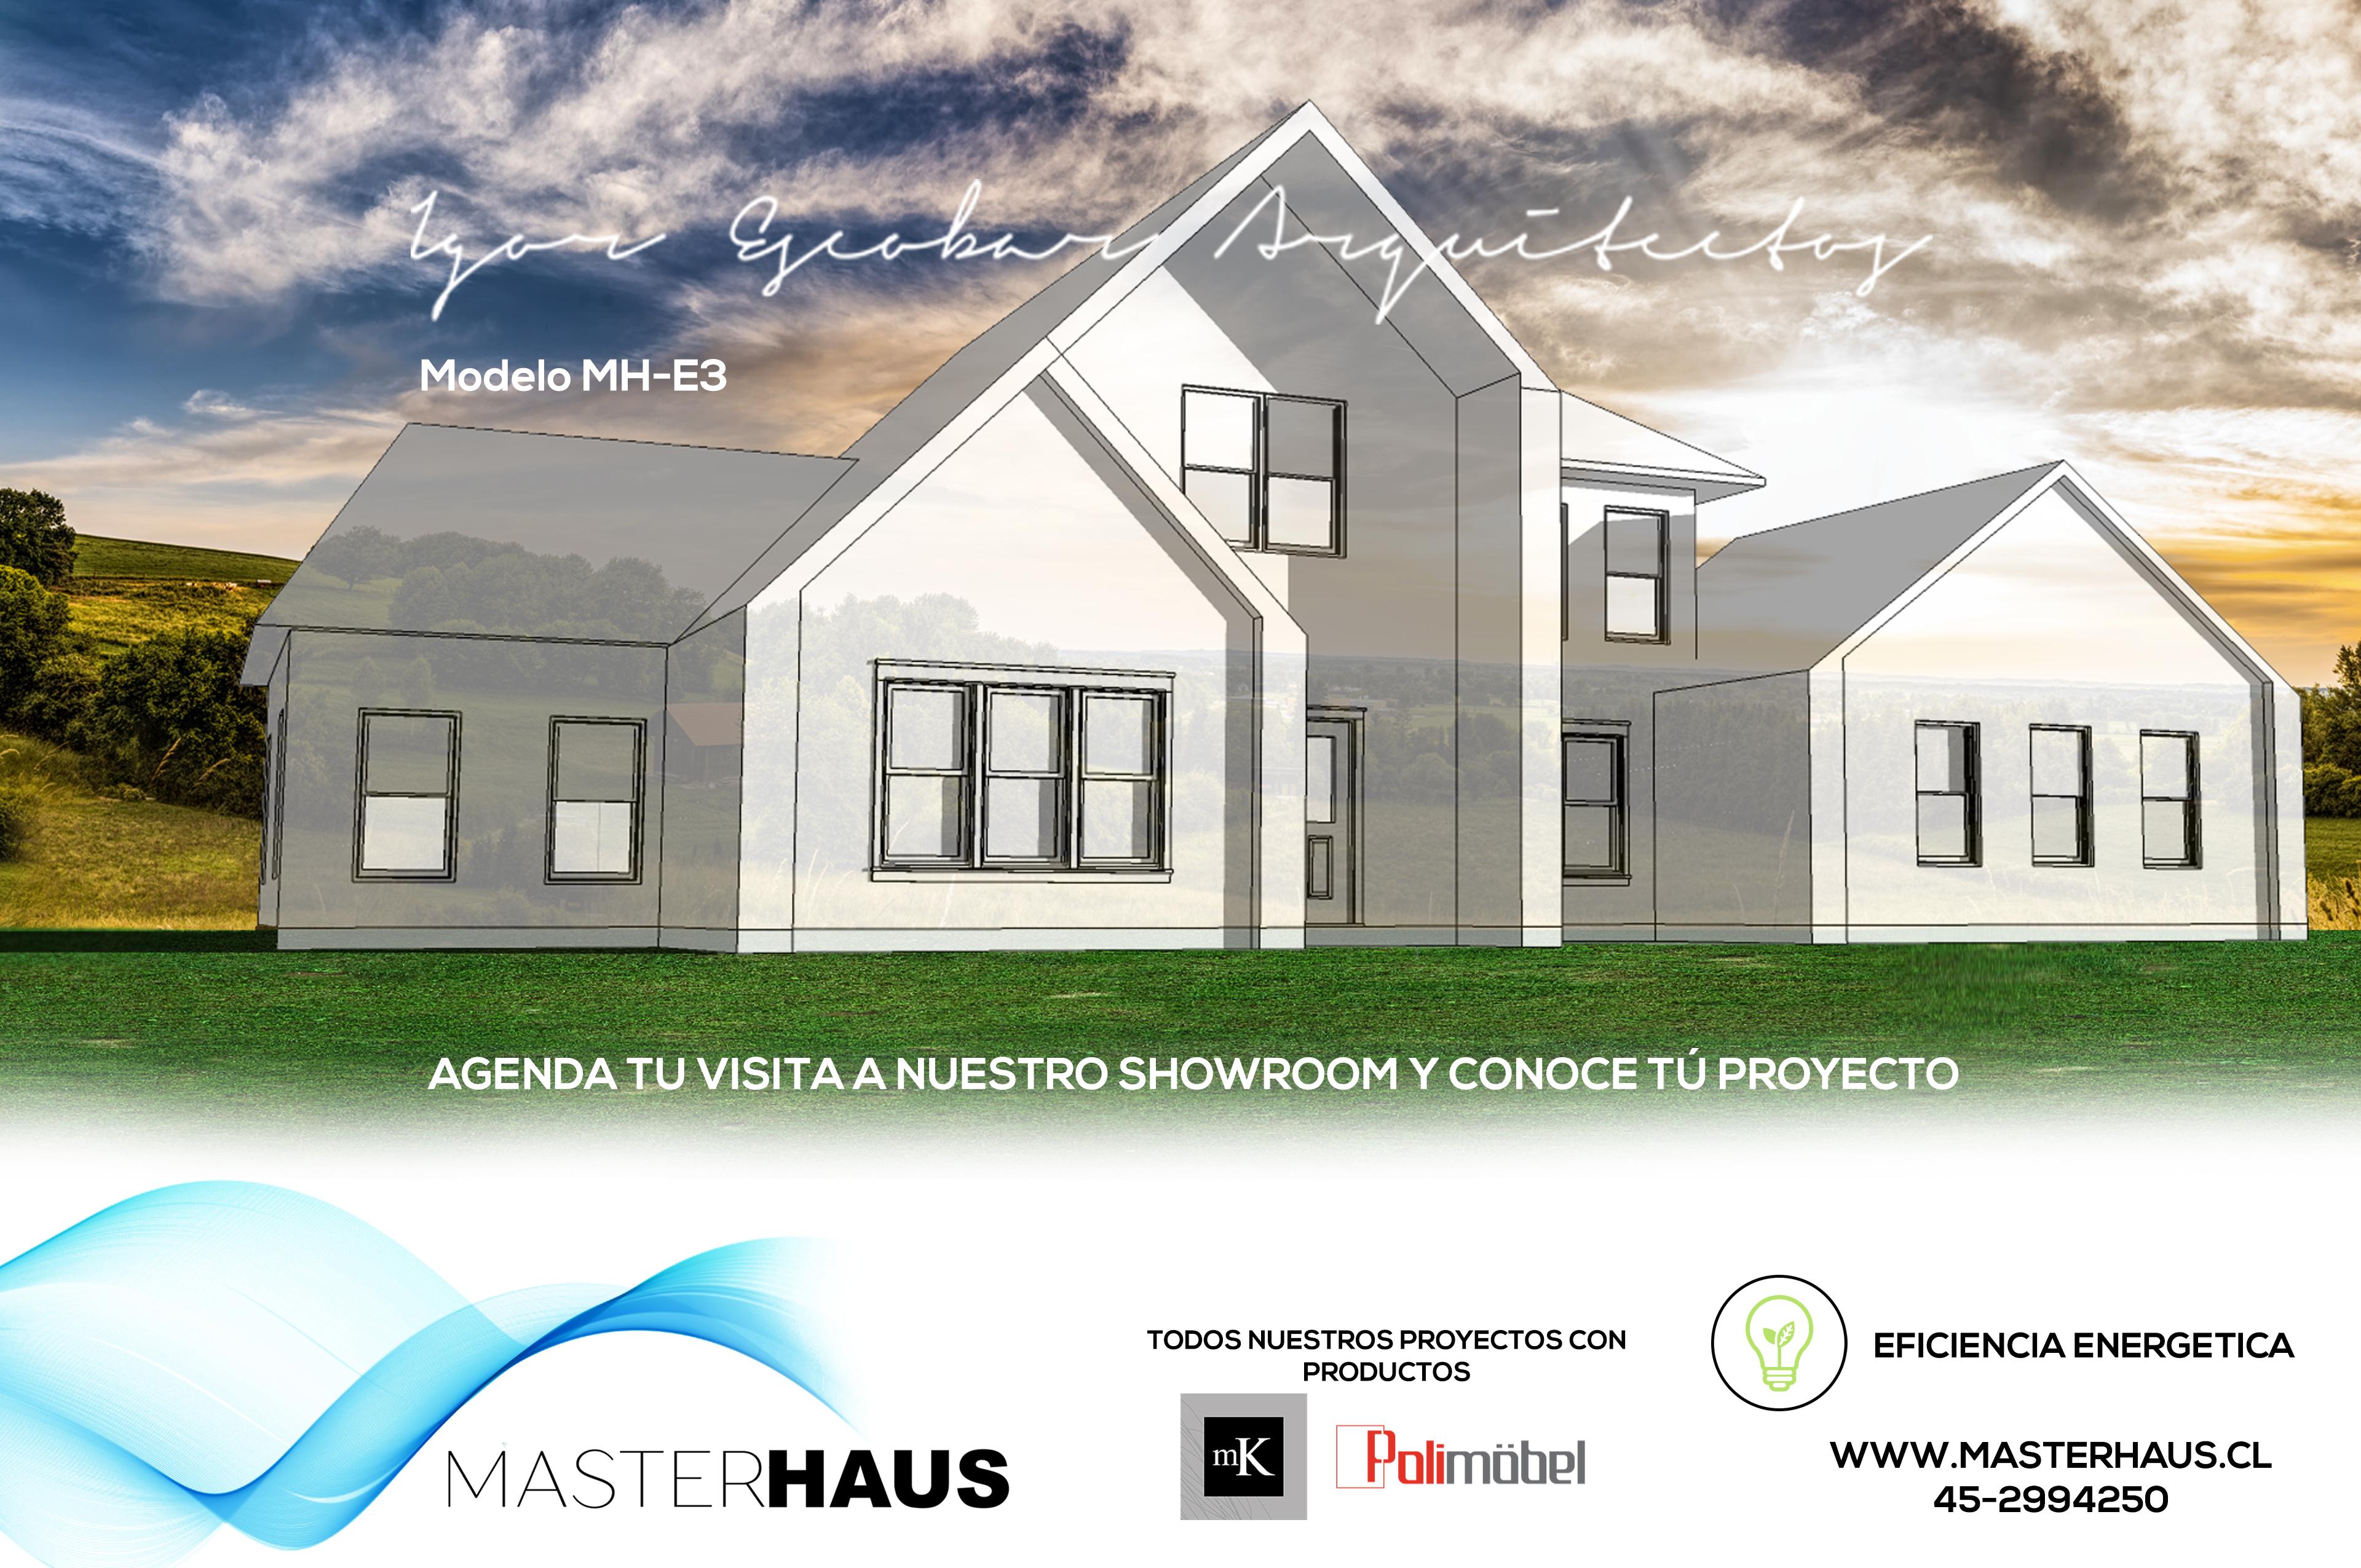 Masterhaus/IEA mod. MH-E3